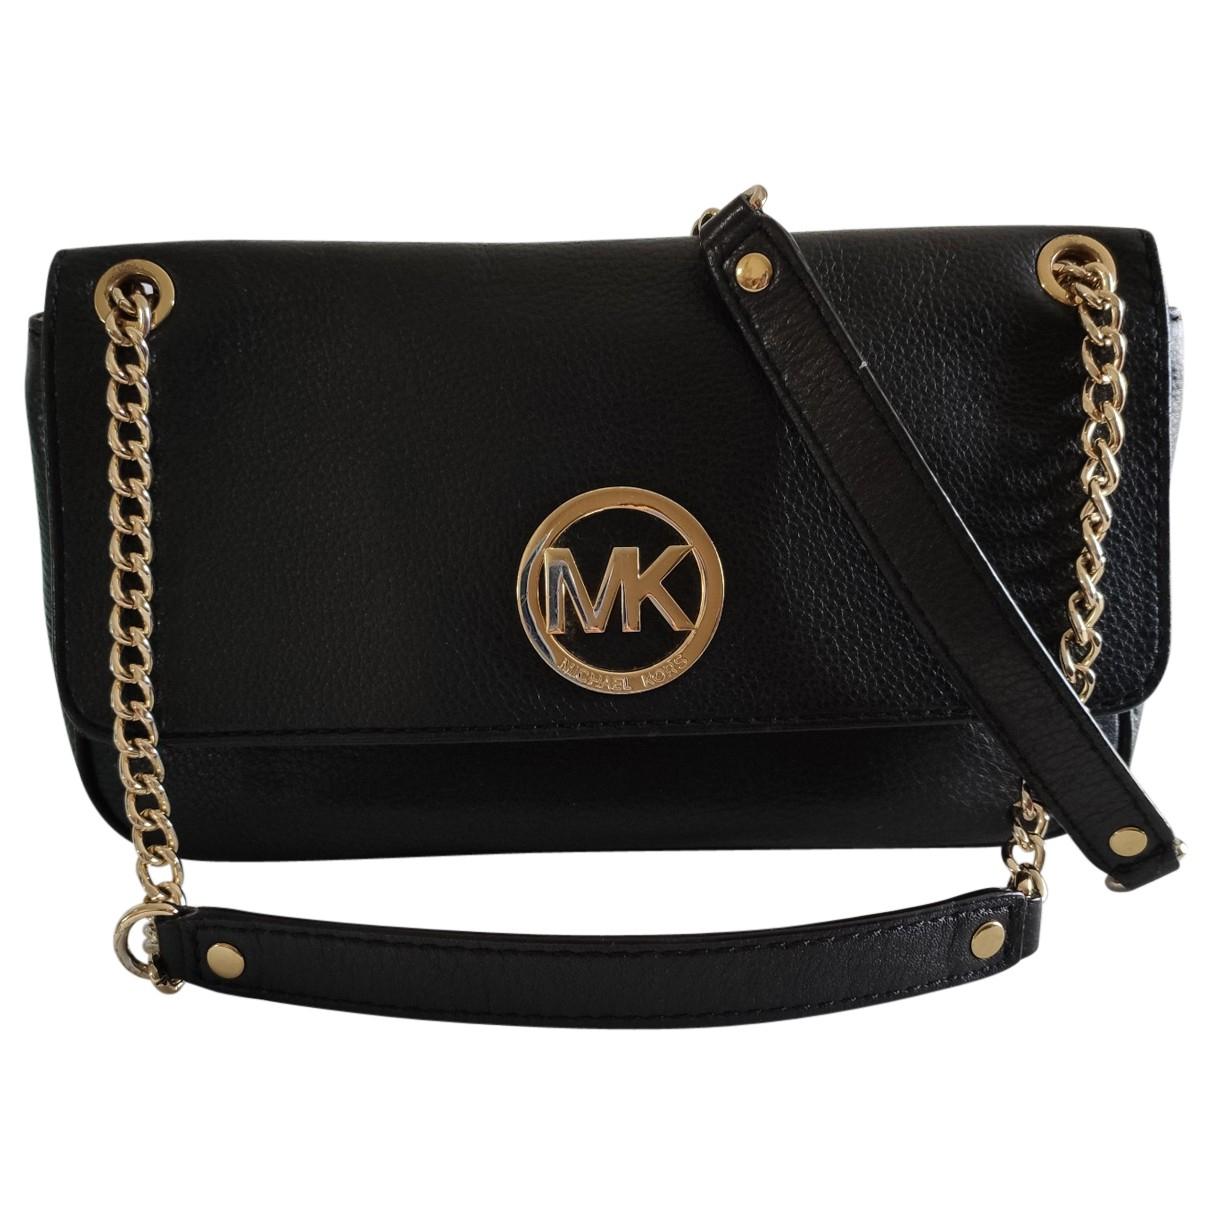 Michael Kors Sloan Handtasche in  Schwarz Leder